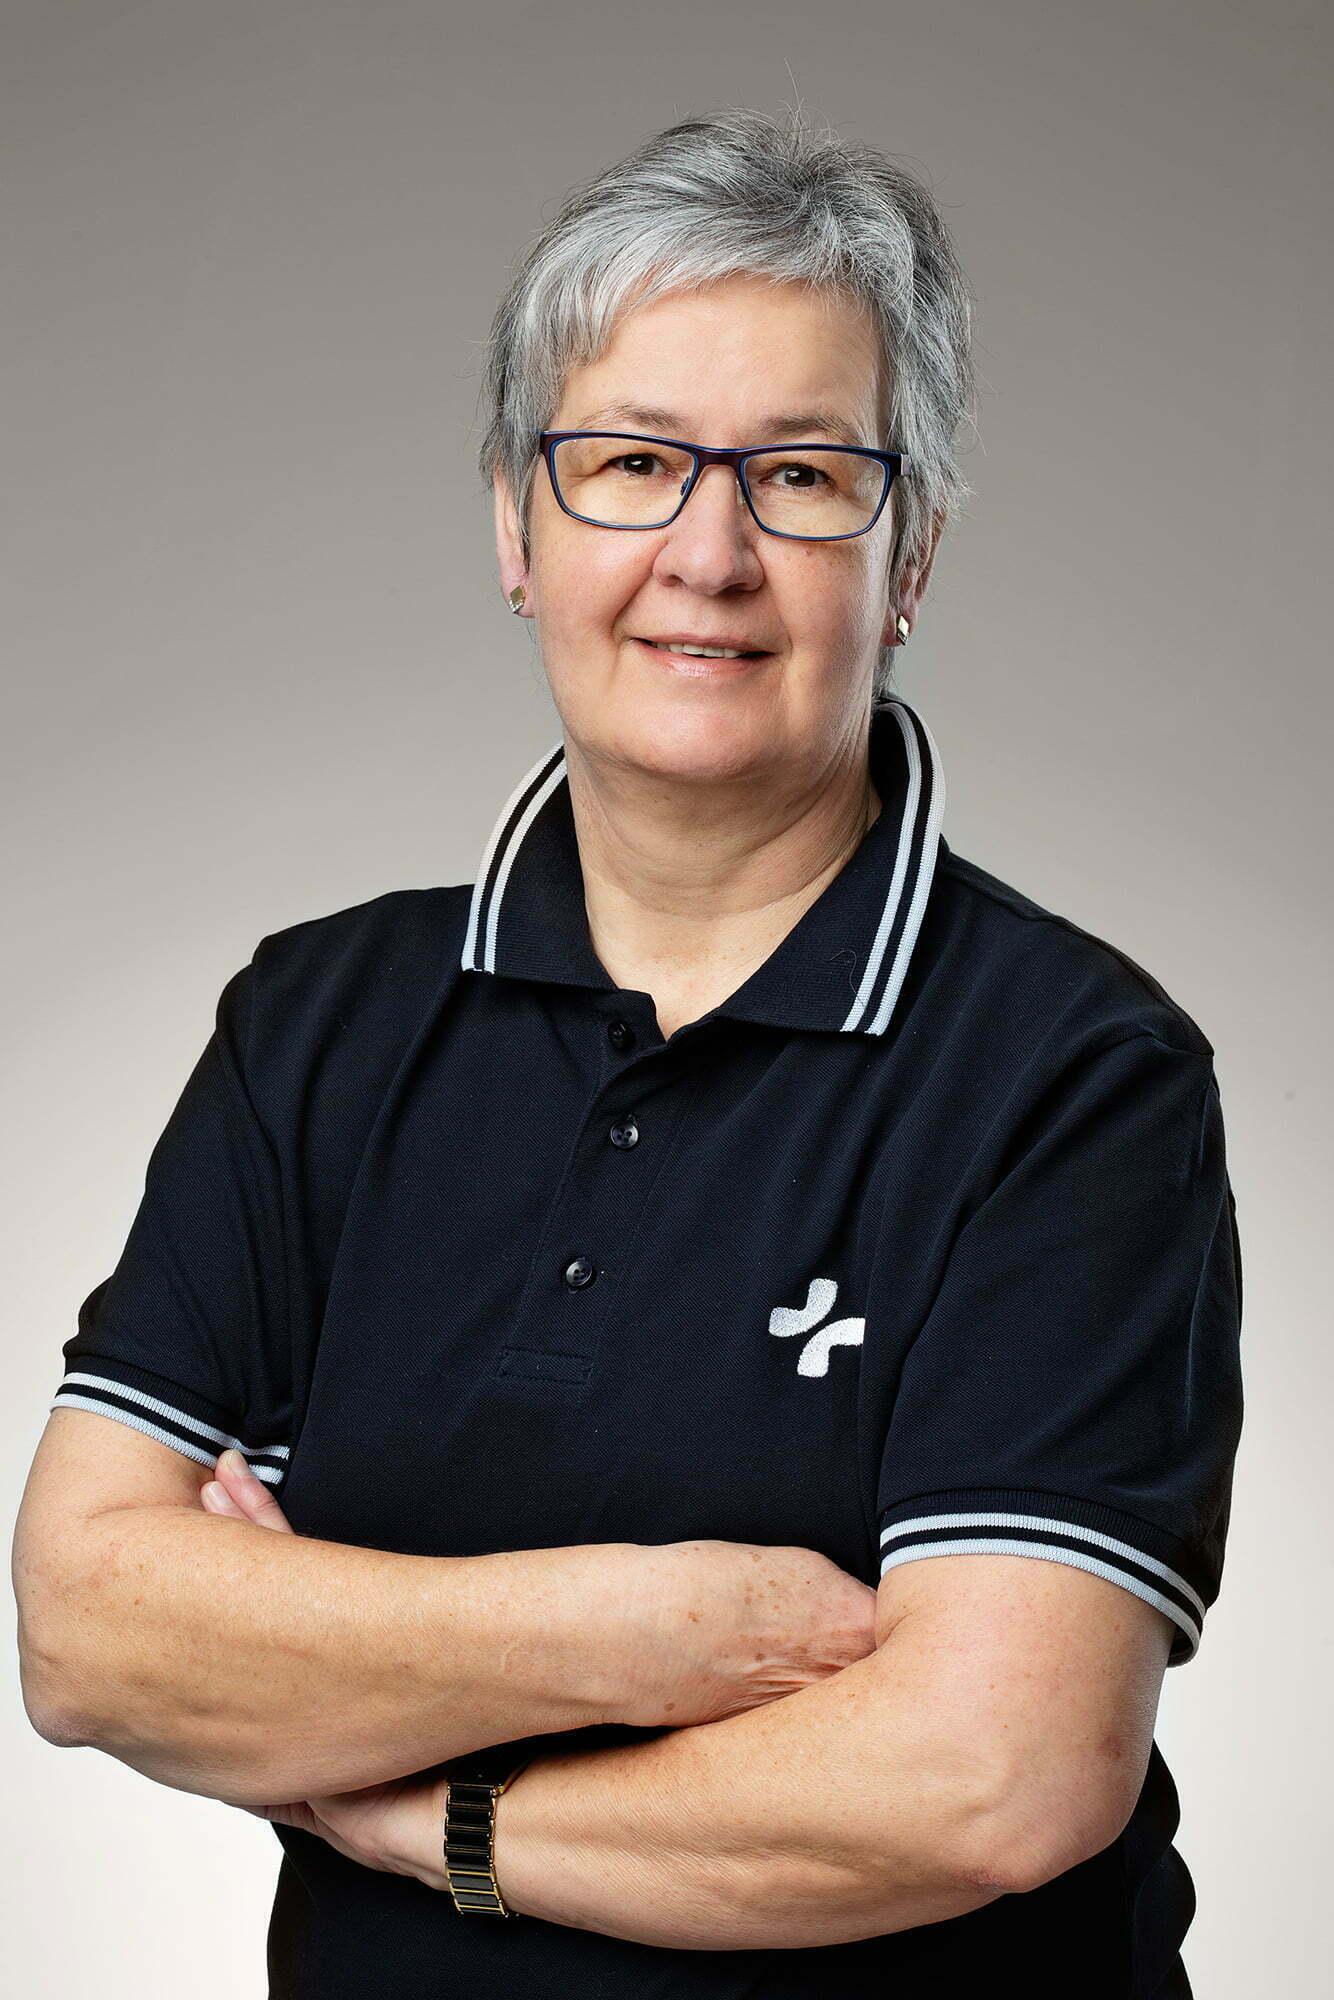 Beatrice Schwarz - Velo Schwarz Team